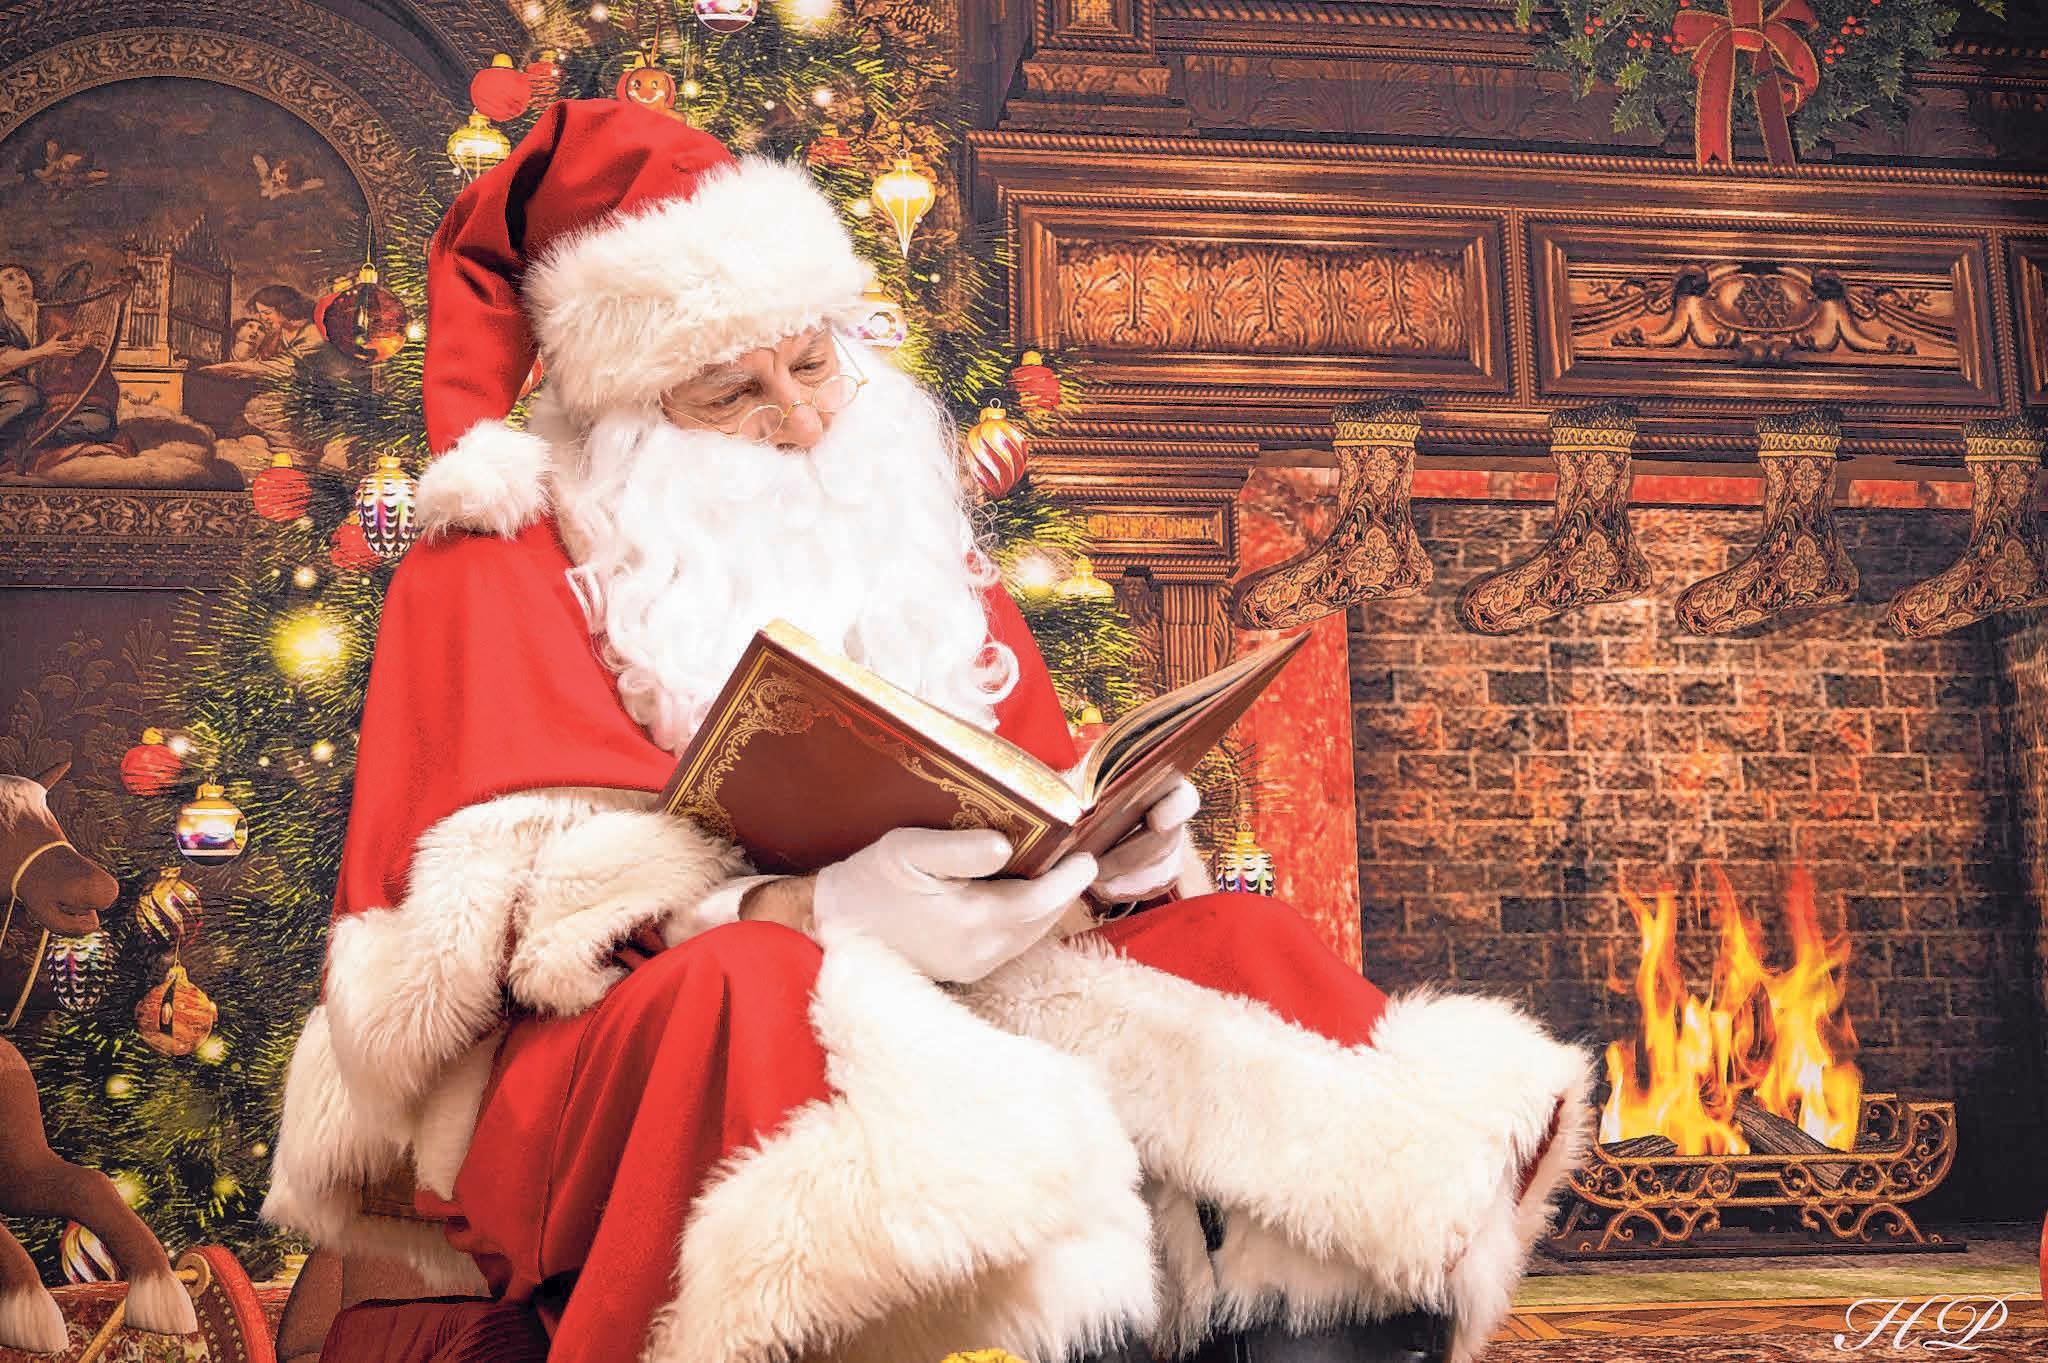 Derzeit schwer im Stress: der Weihnachtsmann. FOTO: ARCHIV